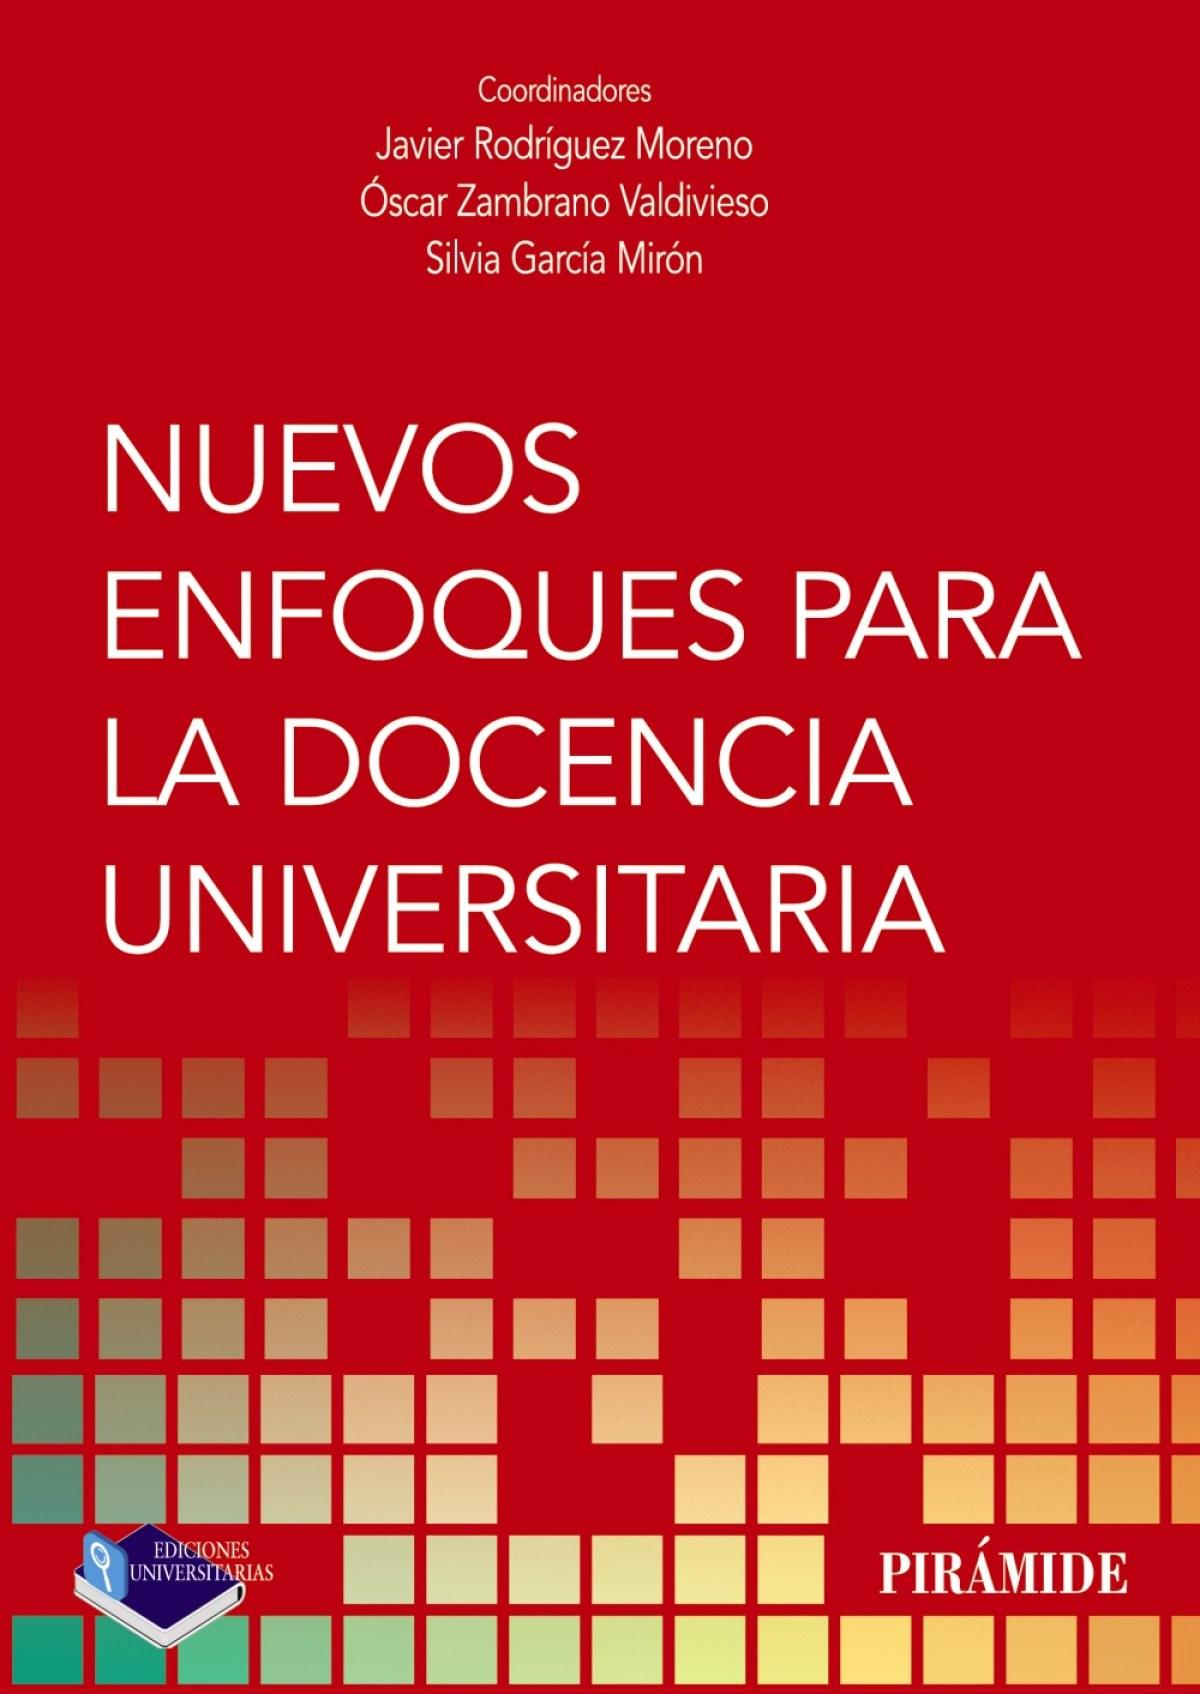 Nuevos enfoques para la docencia universitaria